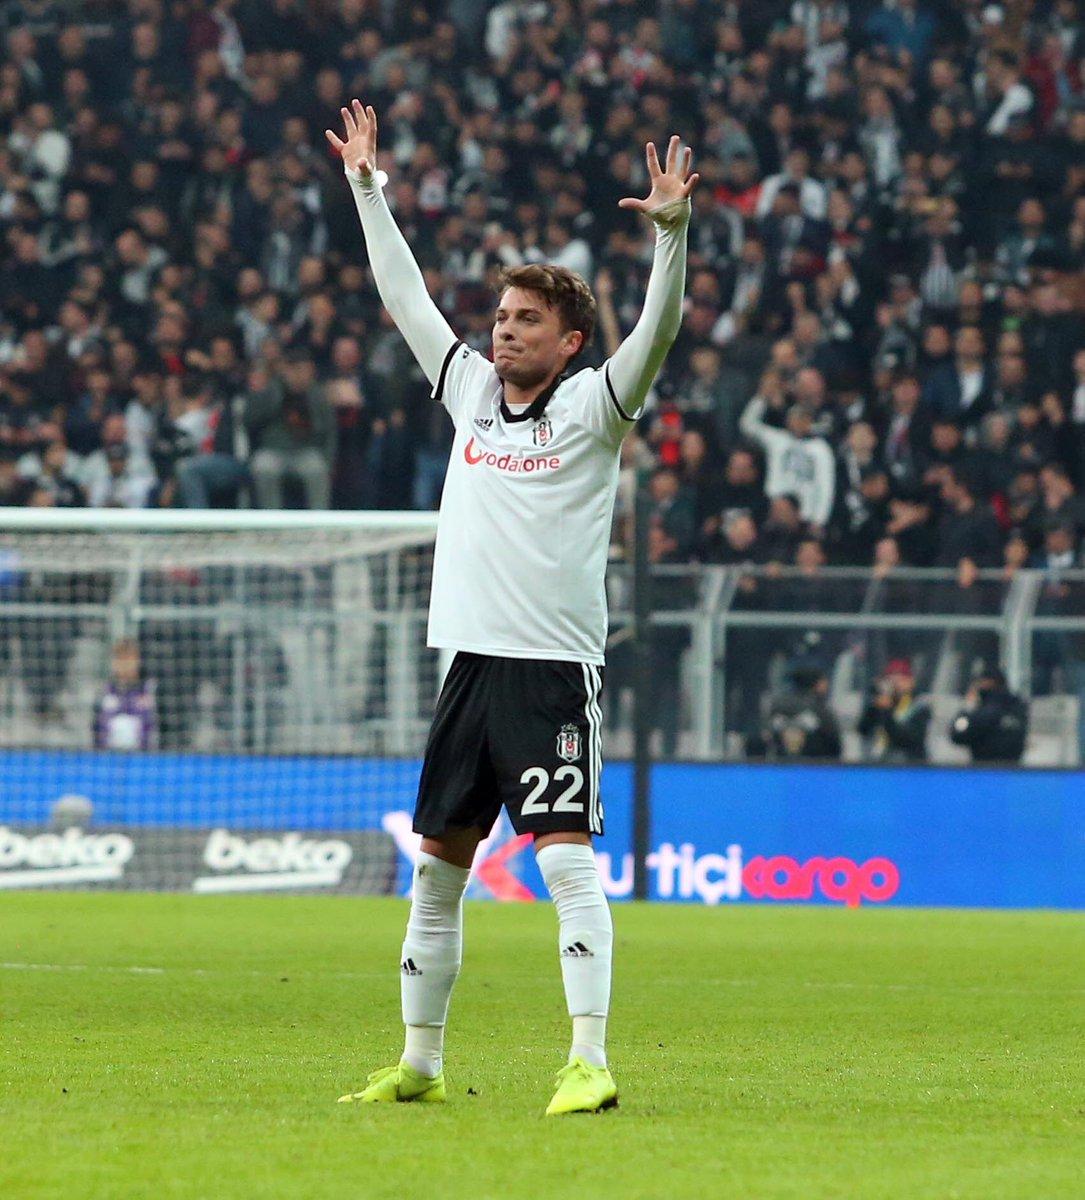 2 - Beşiktaş formasıyla çıktığı ilk altı Süper Lig maçında gol atamayan Adem Ljajic, son iki lig karşılaşmasında birer gol kaydetti. Kartal.